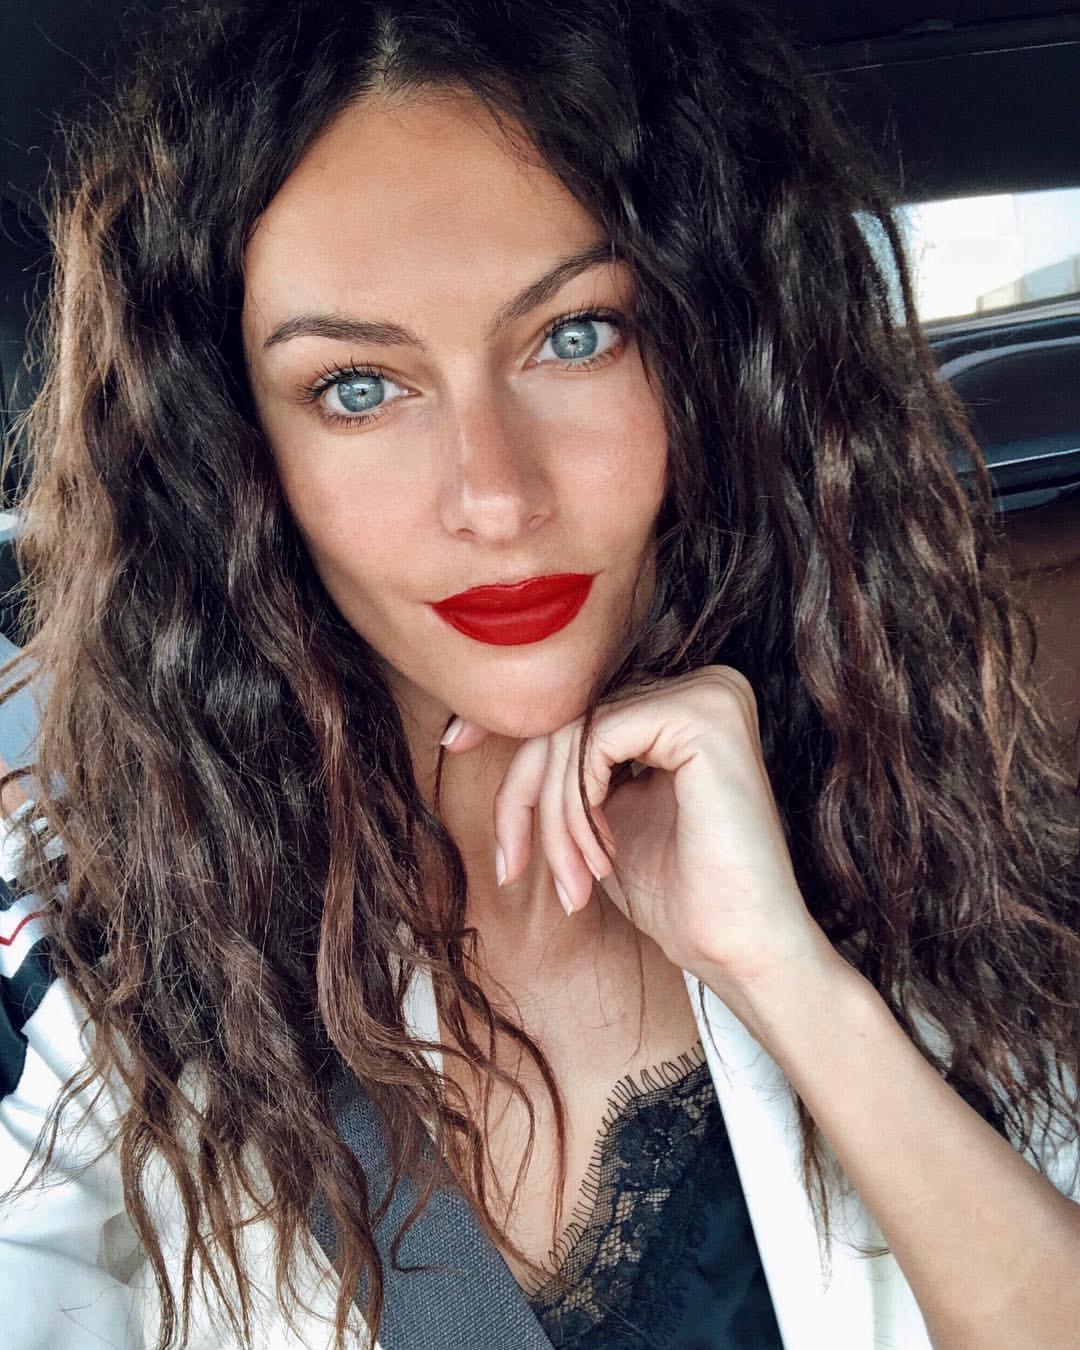 Make Up Paola Turani